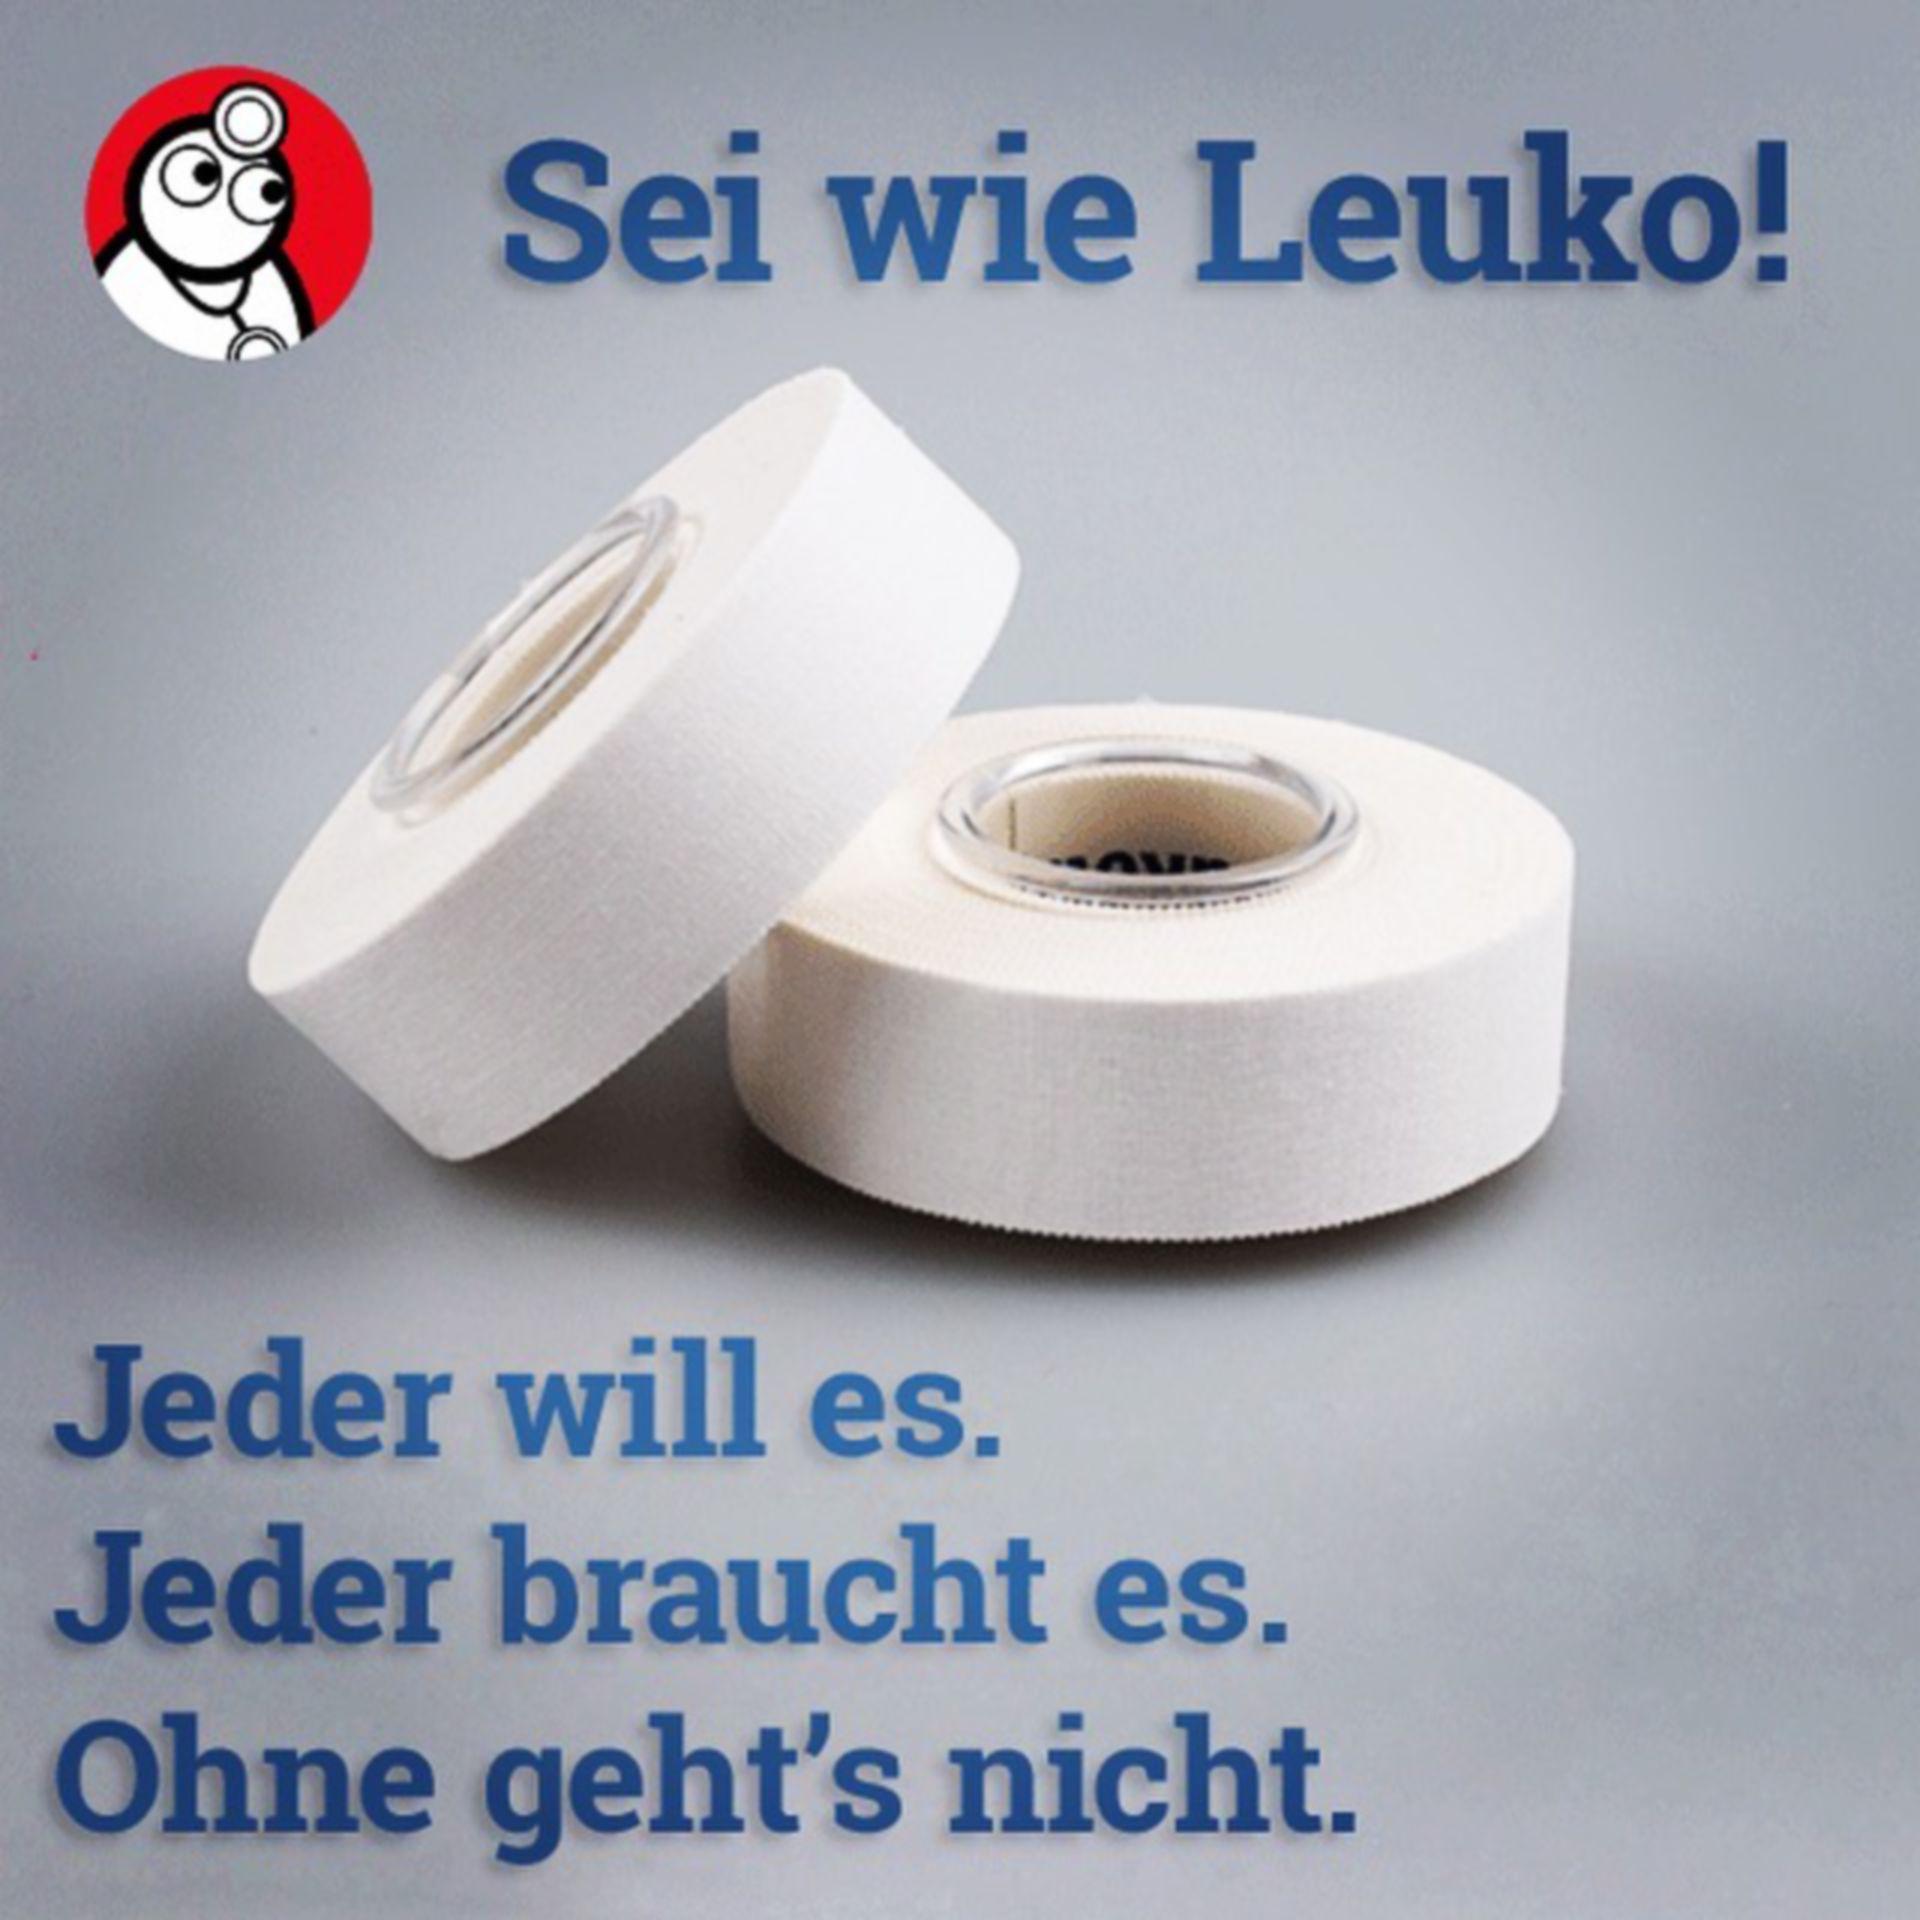 Leuko <3